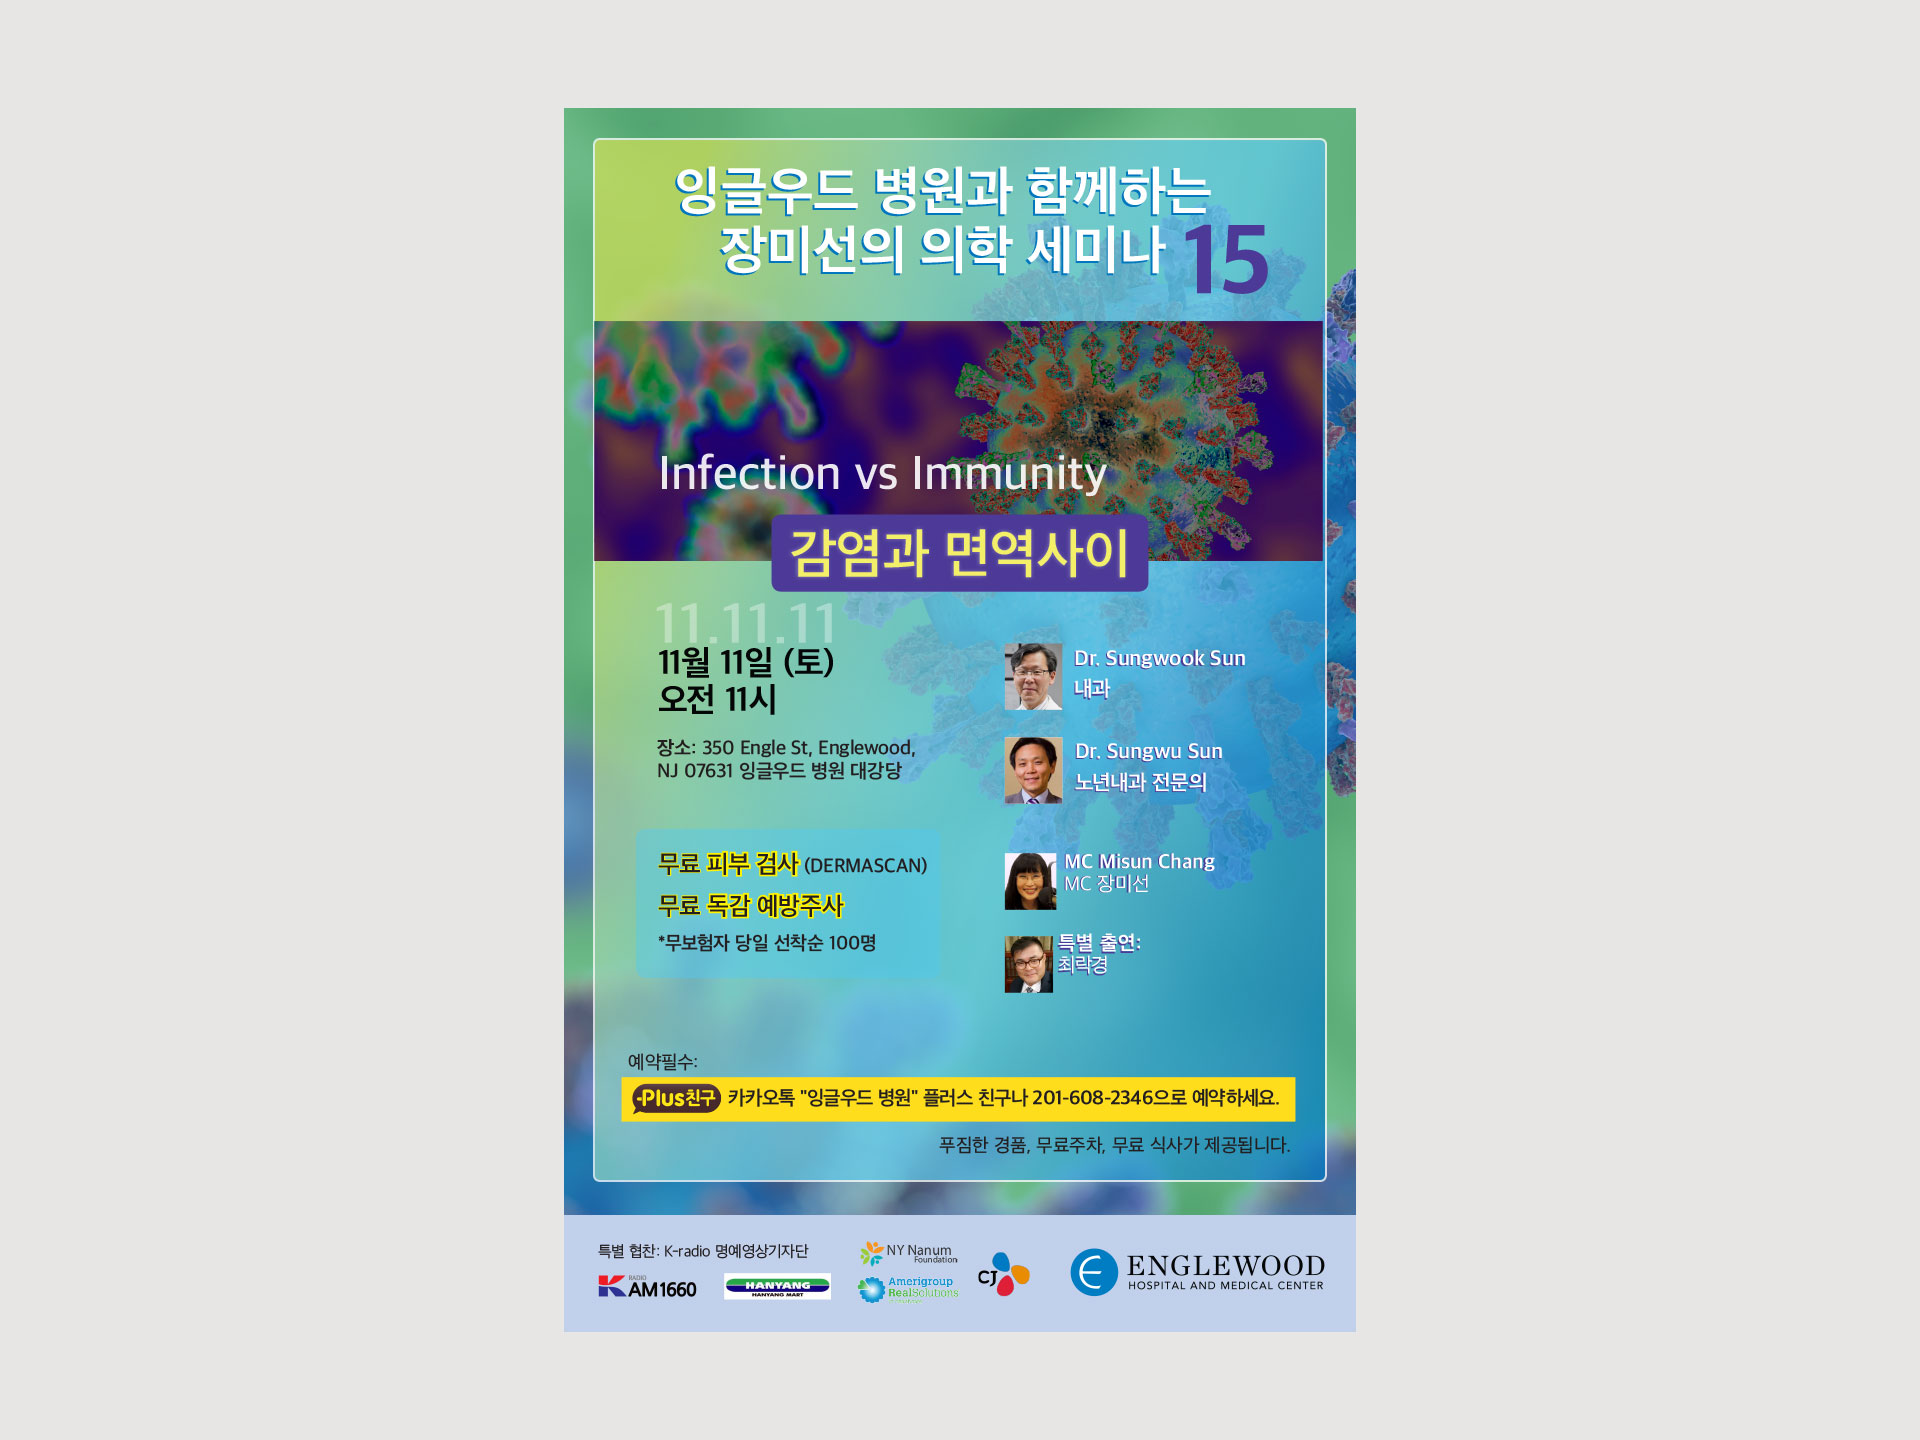 Korean Center event 15